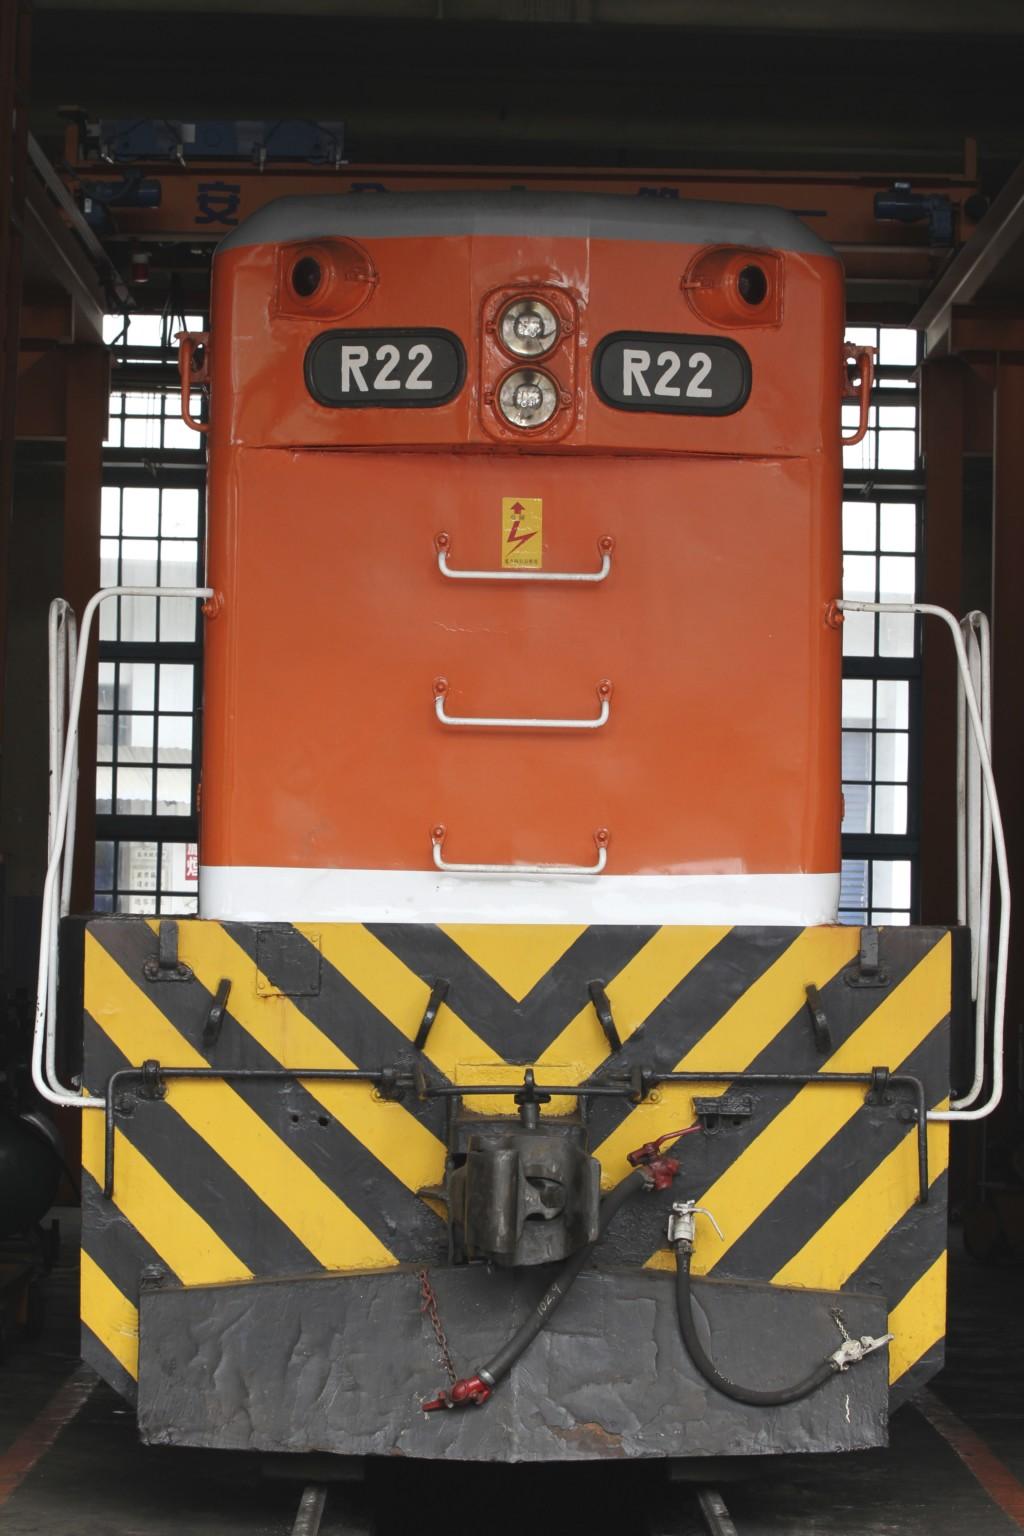 ディーゼル機関車(R22)